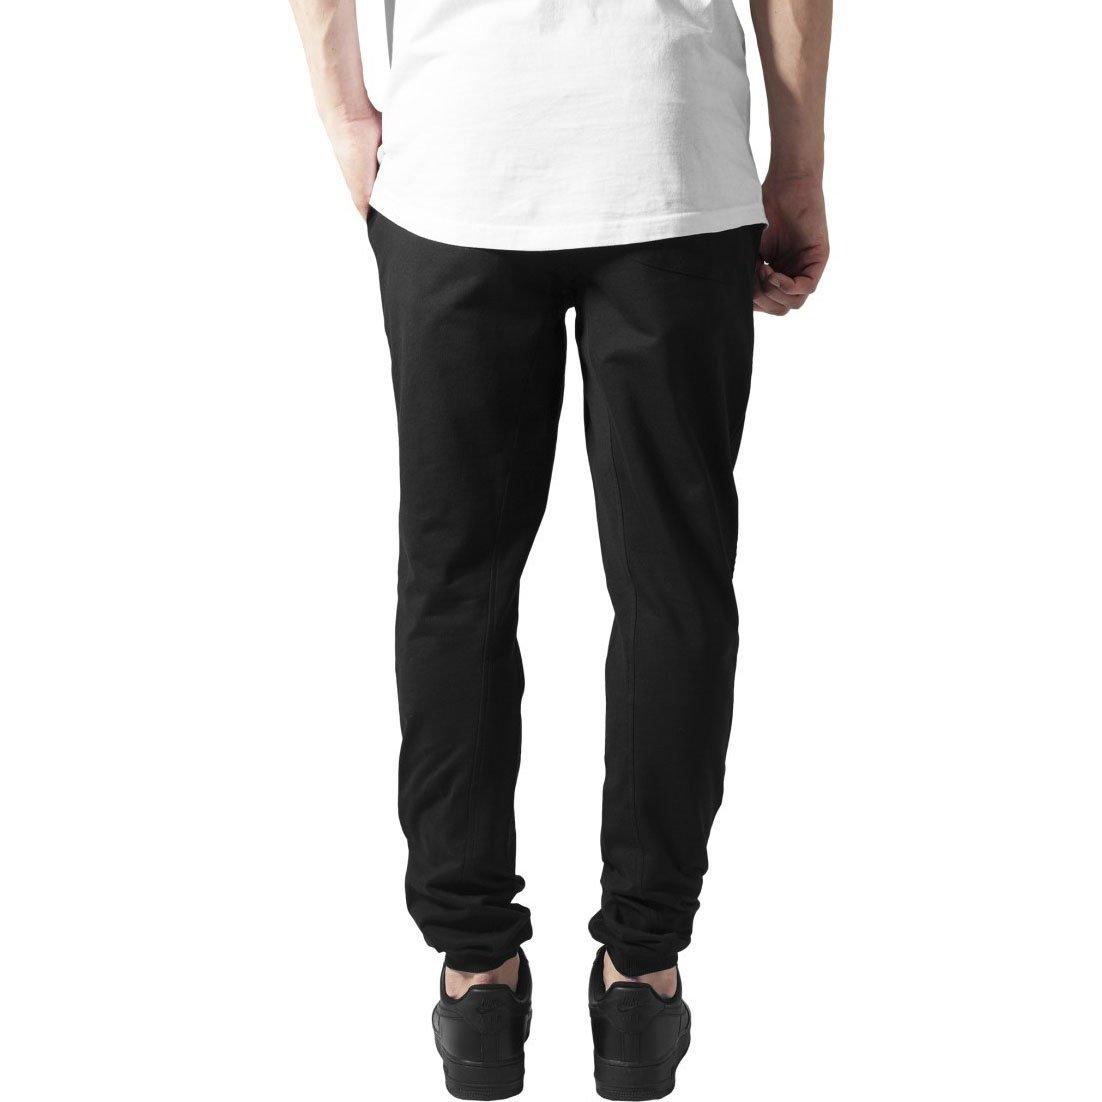 Urban Classics Deep Crotch Terry Biker Sweatpants, Pantalon Homme   Amazon.fr  Vêtements et accessoires 50a06f4a7976